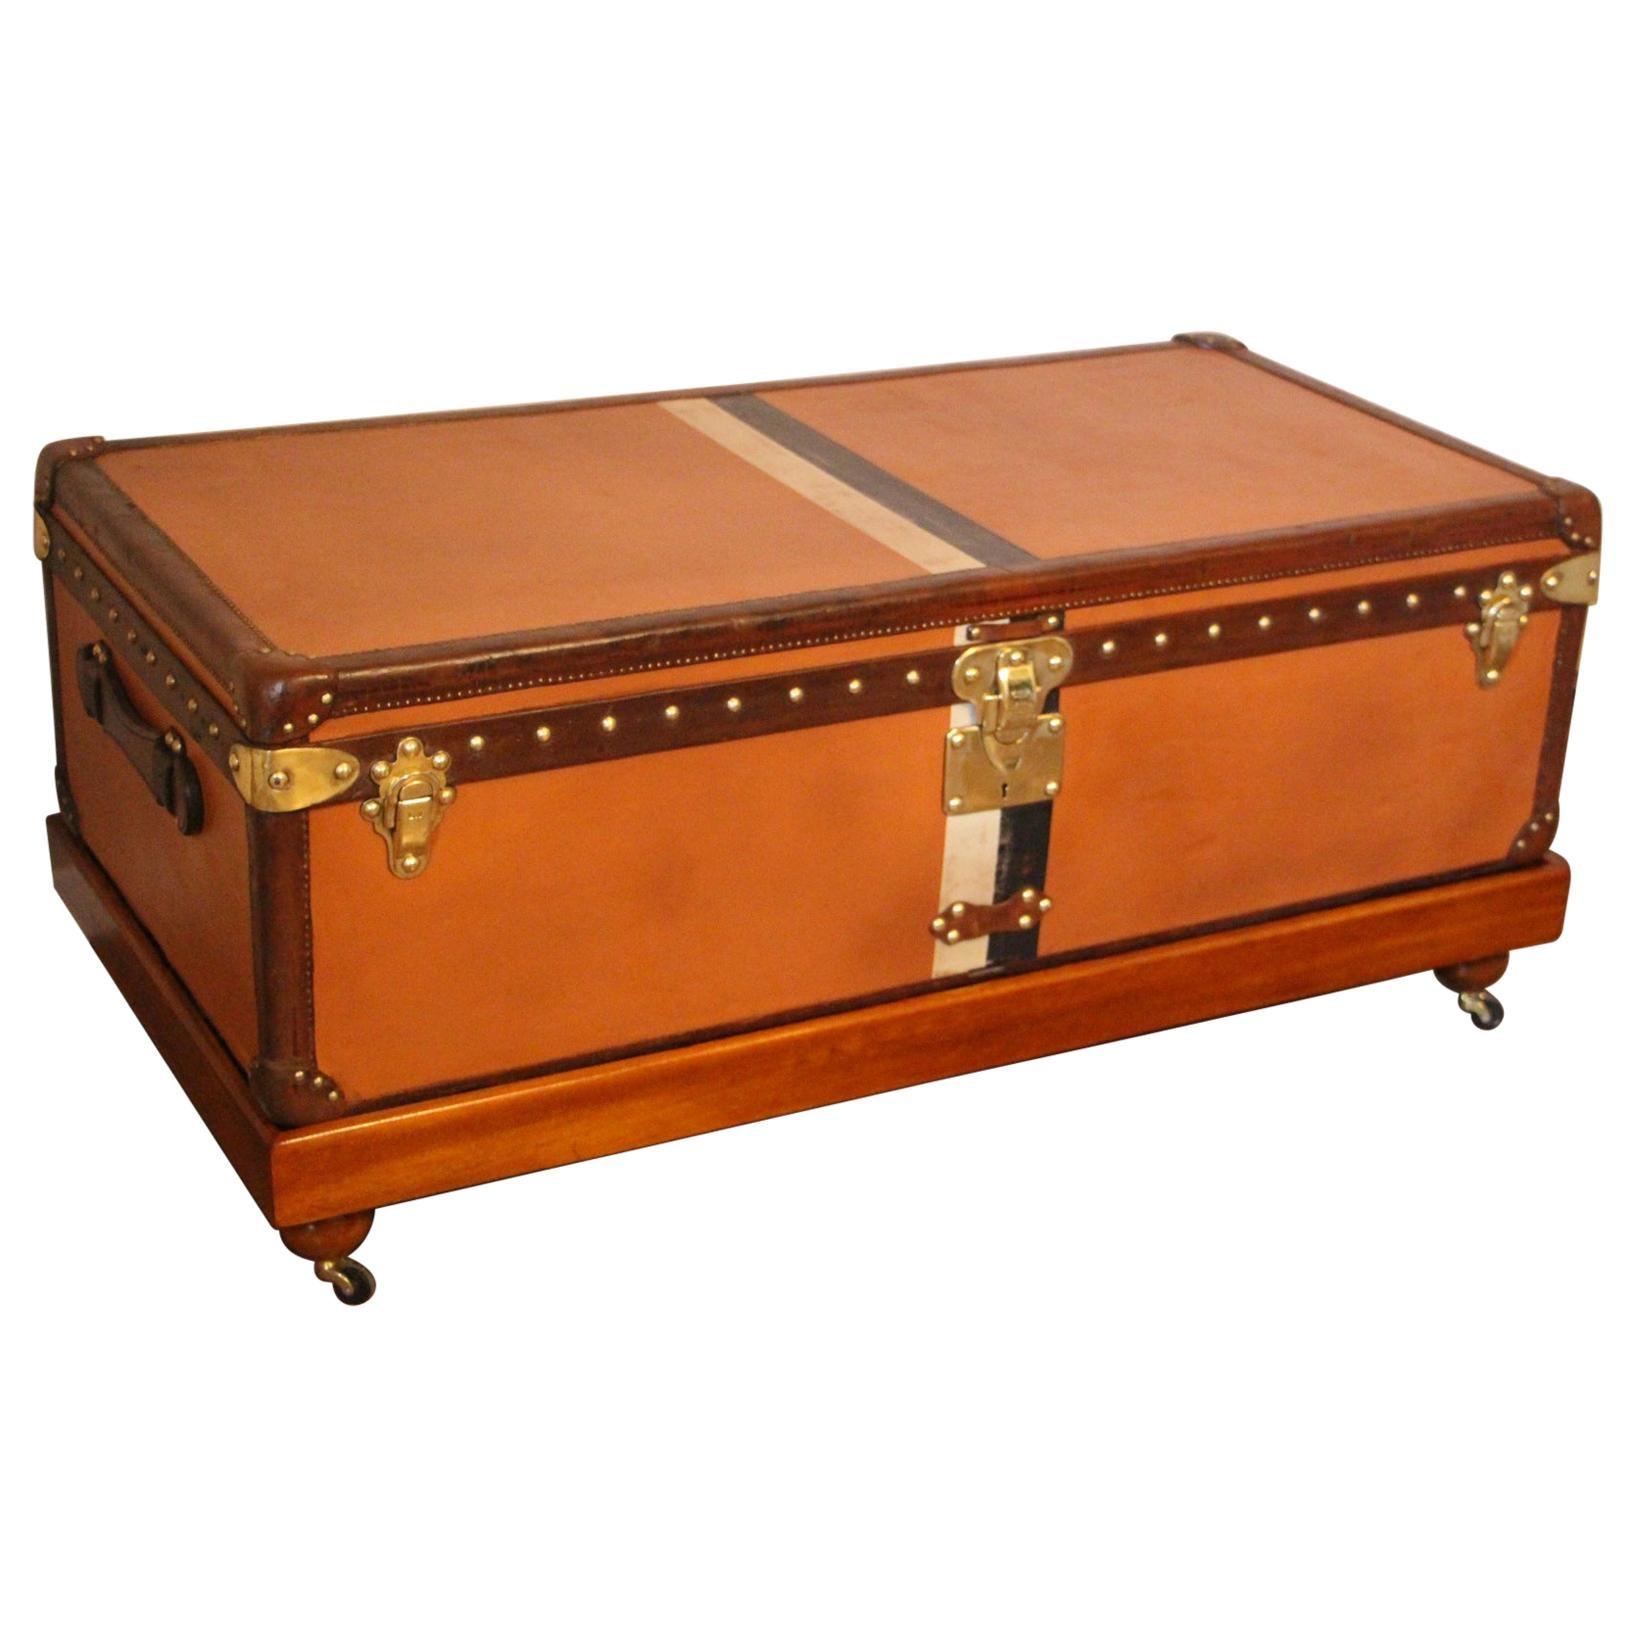 Orange Louis Vuitton Steamer Trunk, Orange Louis Vuitton Trunk, Vuitton Trunk